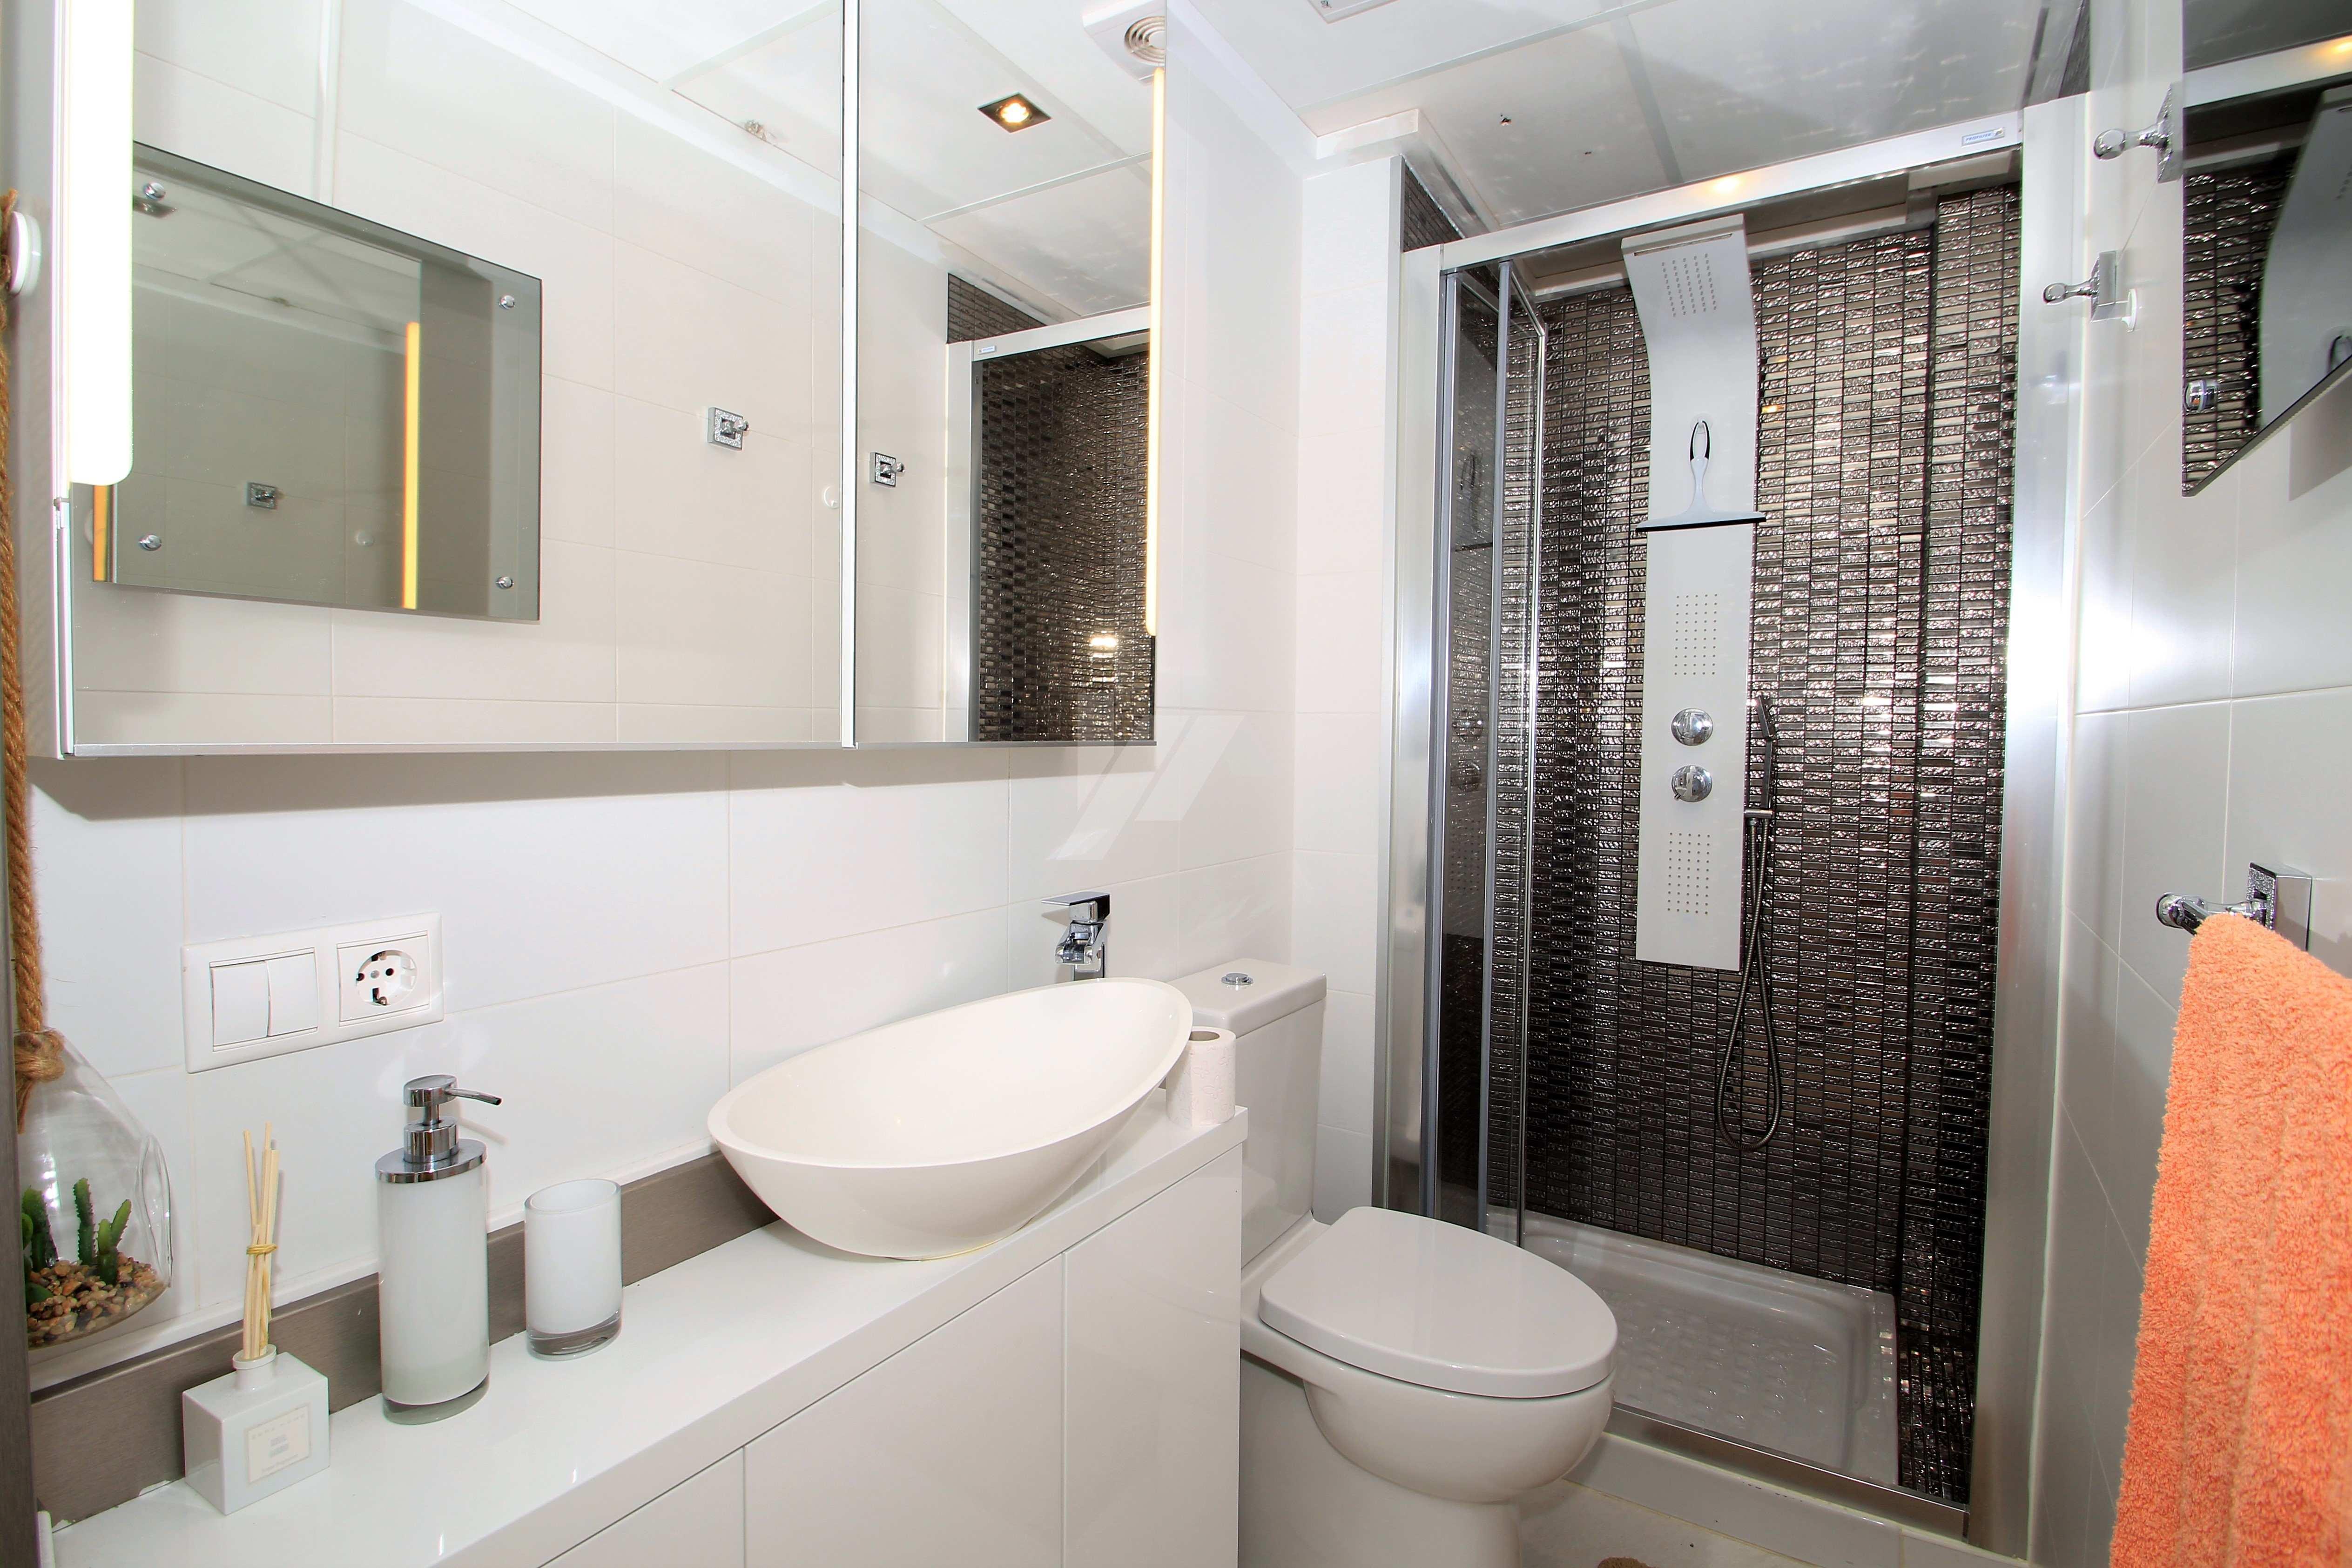 Appartement moderne à vendre à Benitachell, avec vue sur la mer